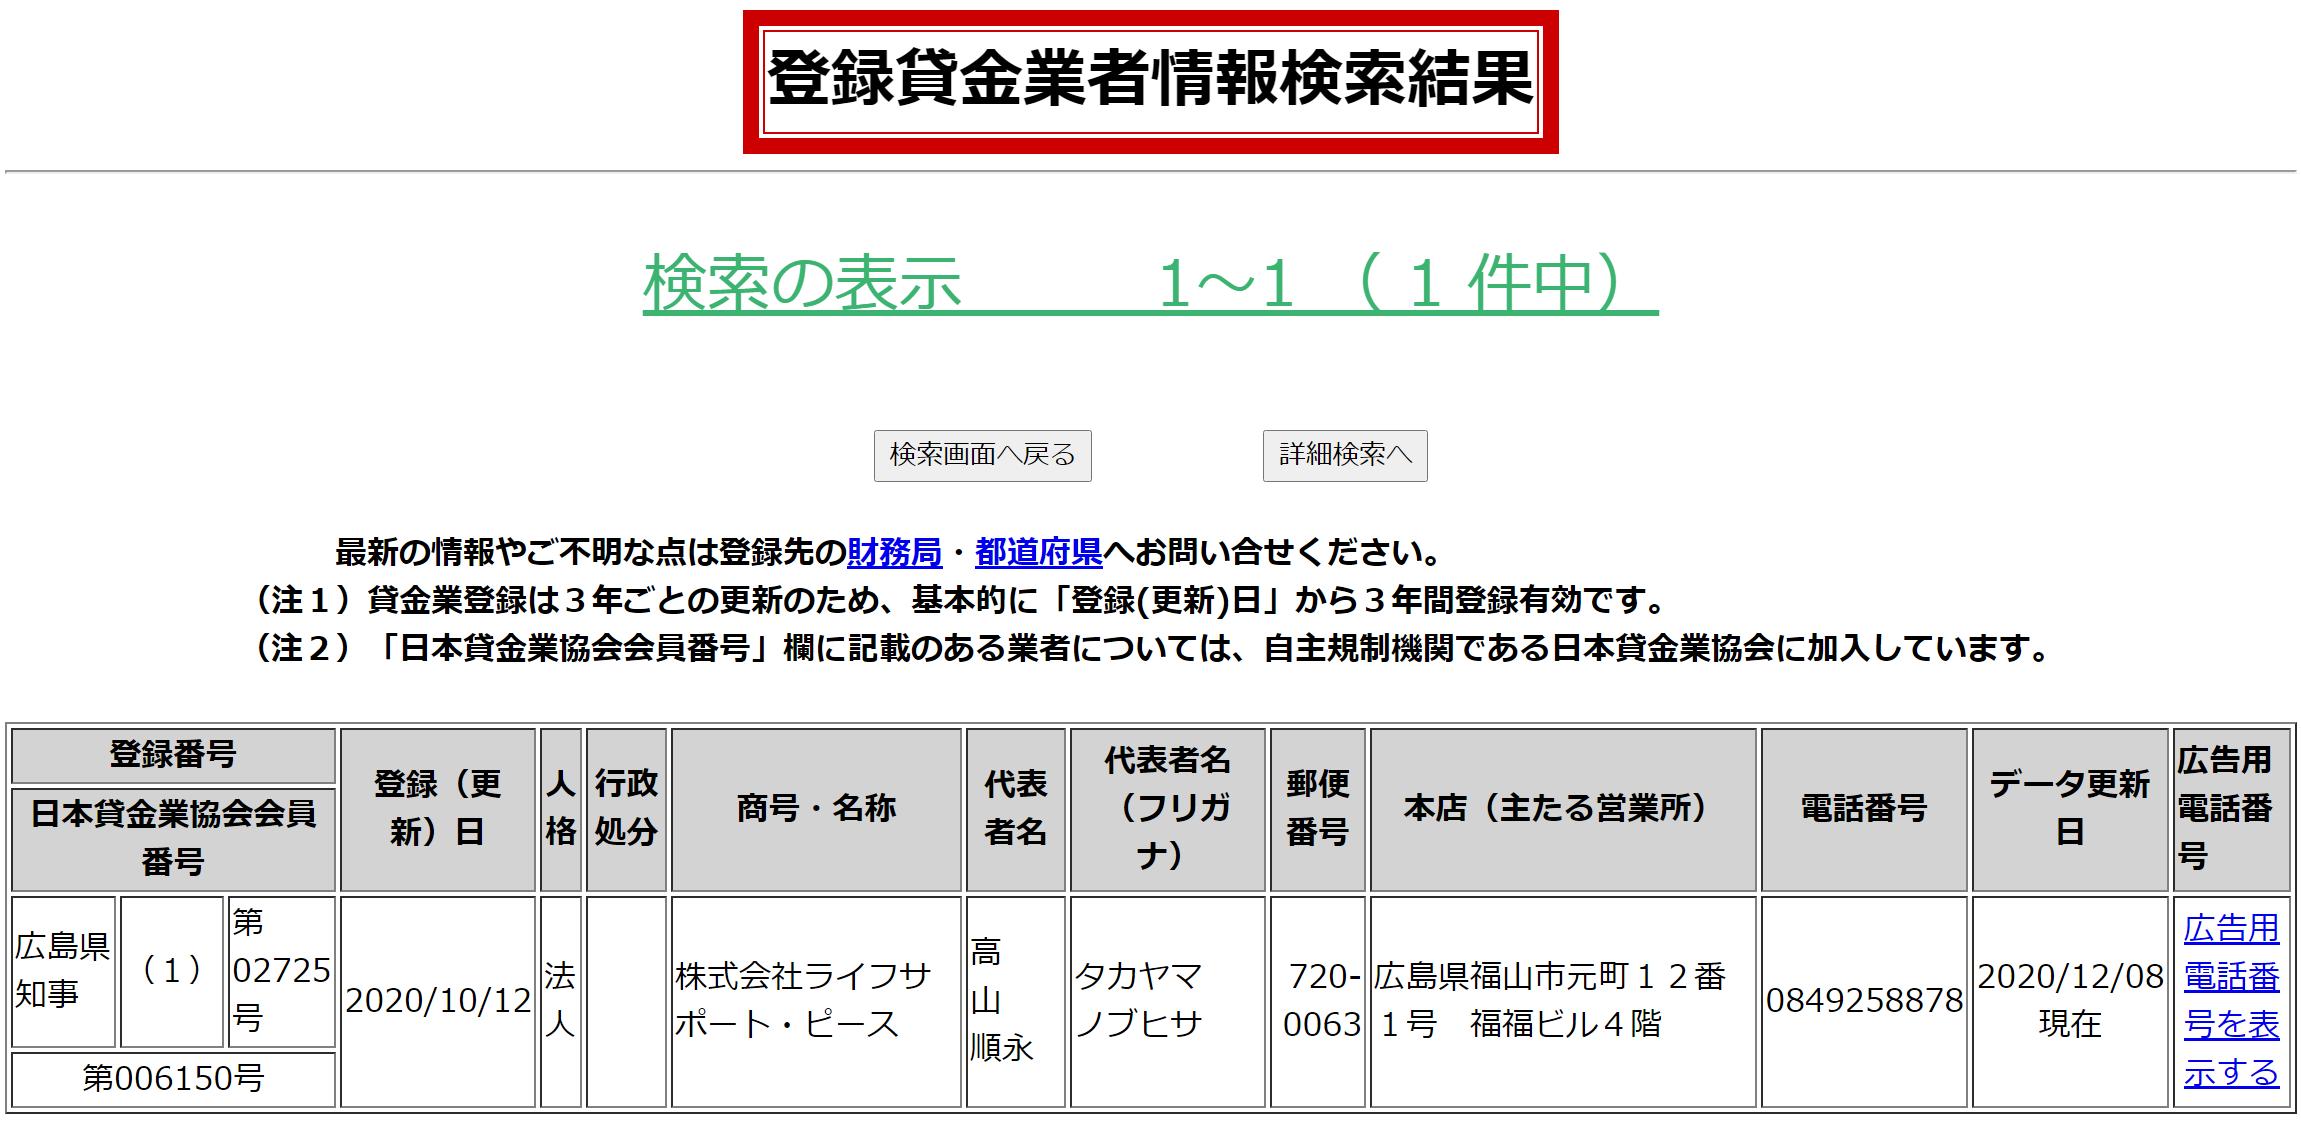 株式会社ライフサポート・ピースの貸金業登録情報